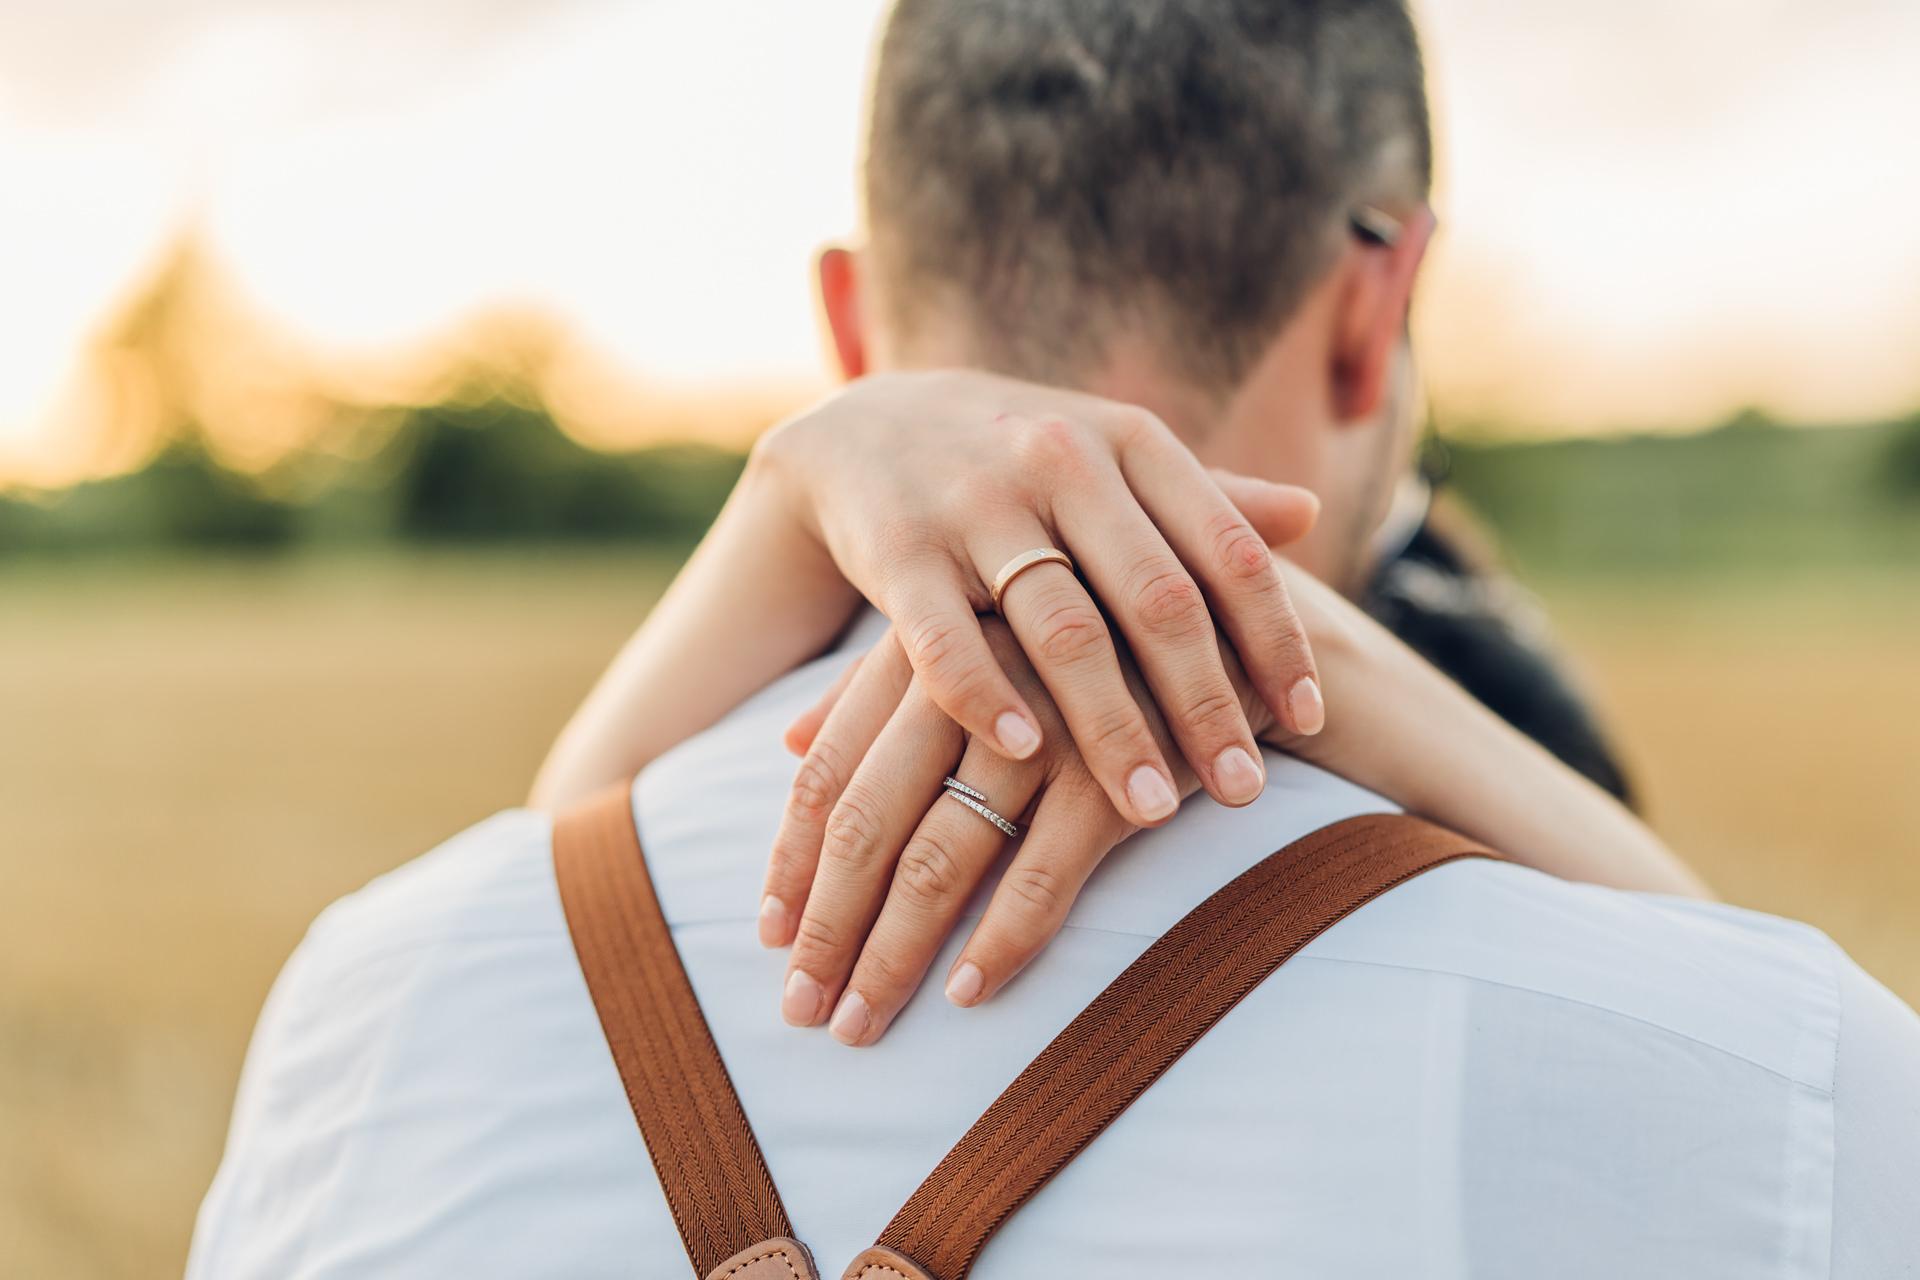 Detail Hochzeitsfoto Hände und Ringe